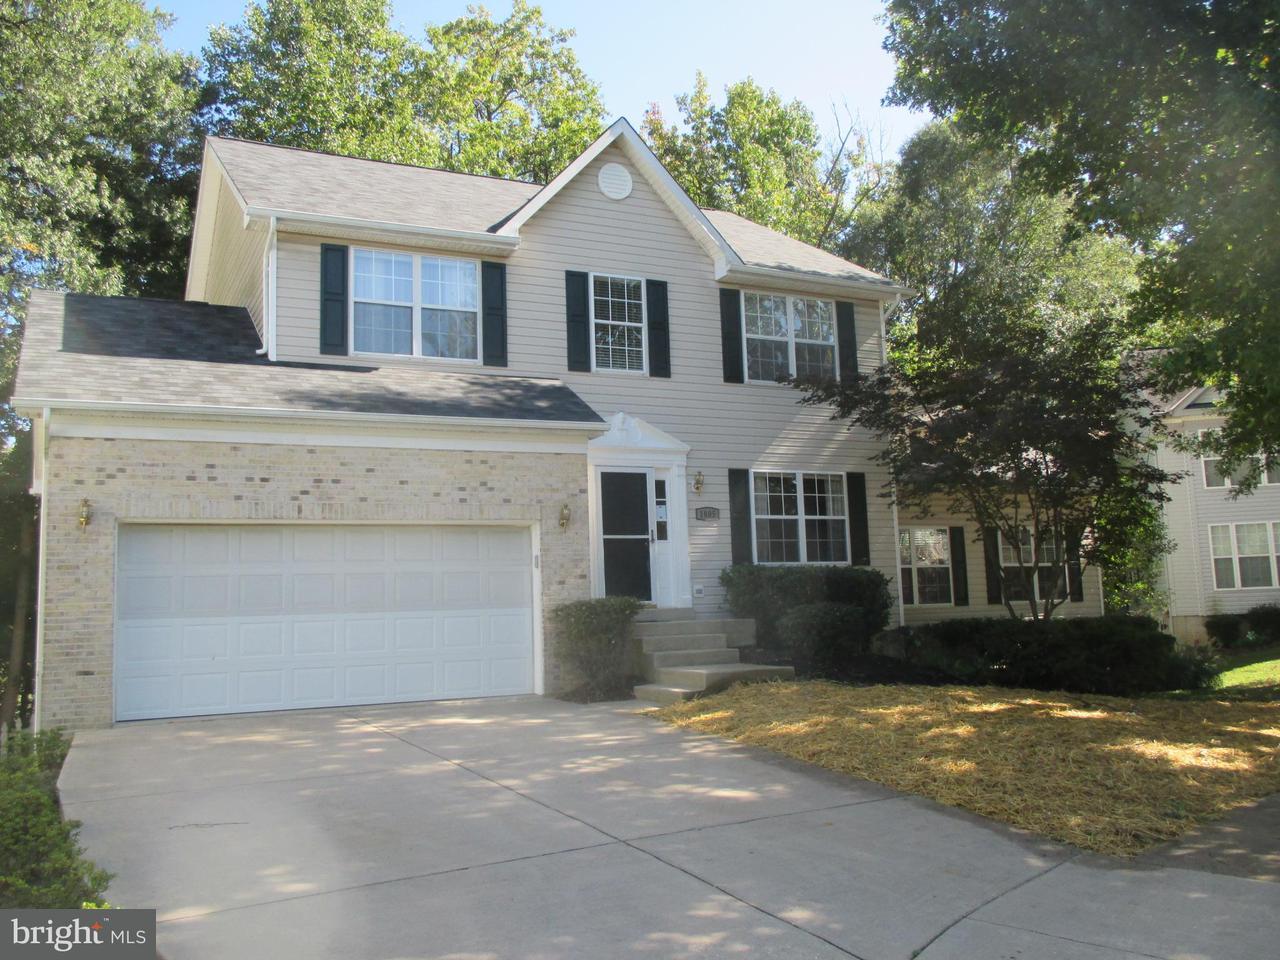 Maison unifamiliale pour l Vente à 1805 HILLBURNE WAY 1805 HILLBURNE WAY Crofton, Maryland 21114 États-Unis